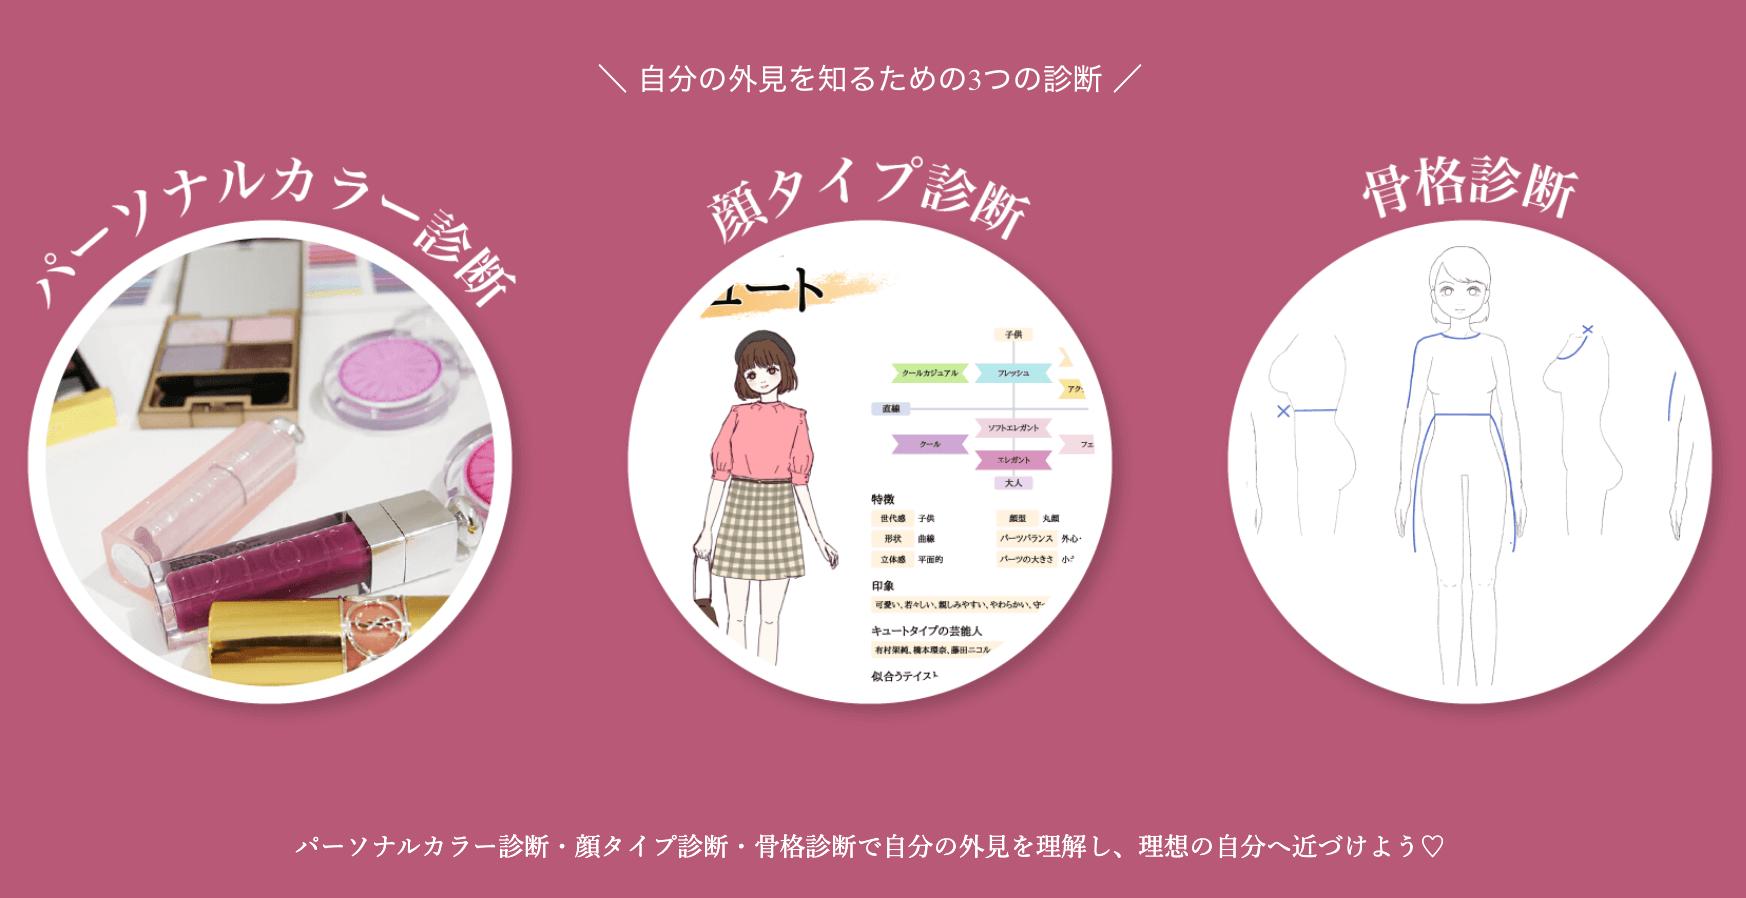 clotteal公式サイト【新宿・イメコン診断】